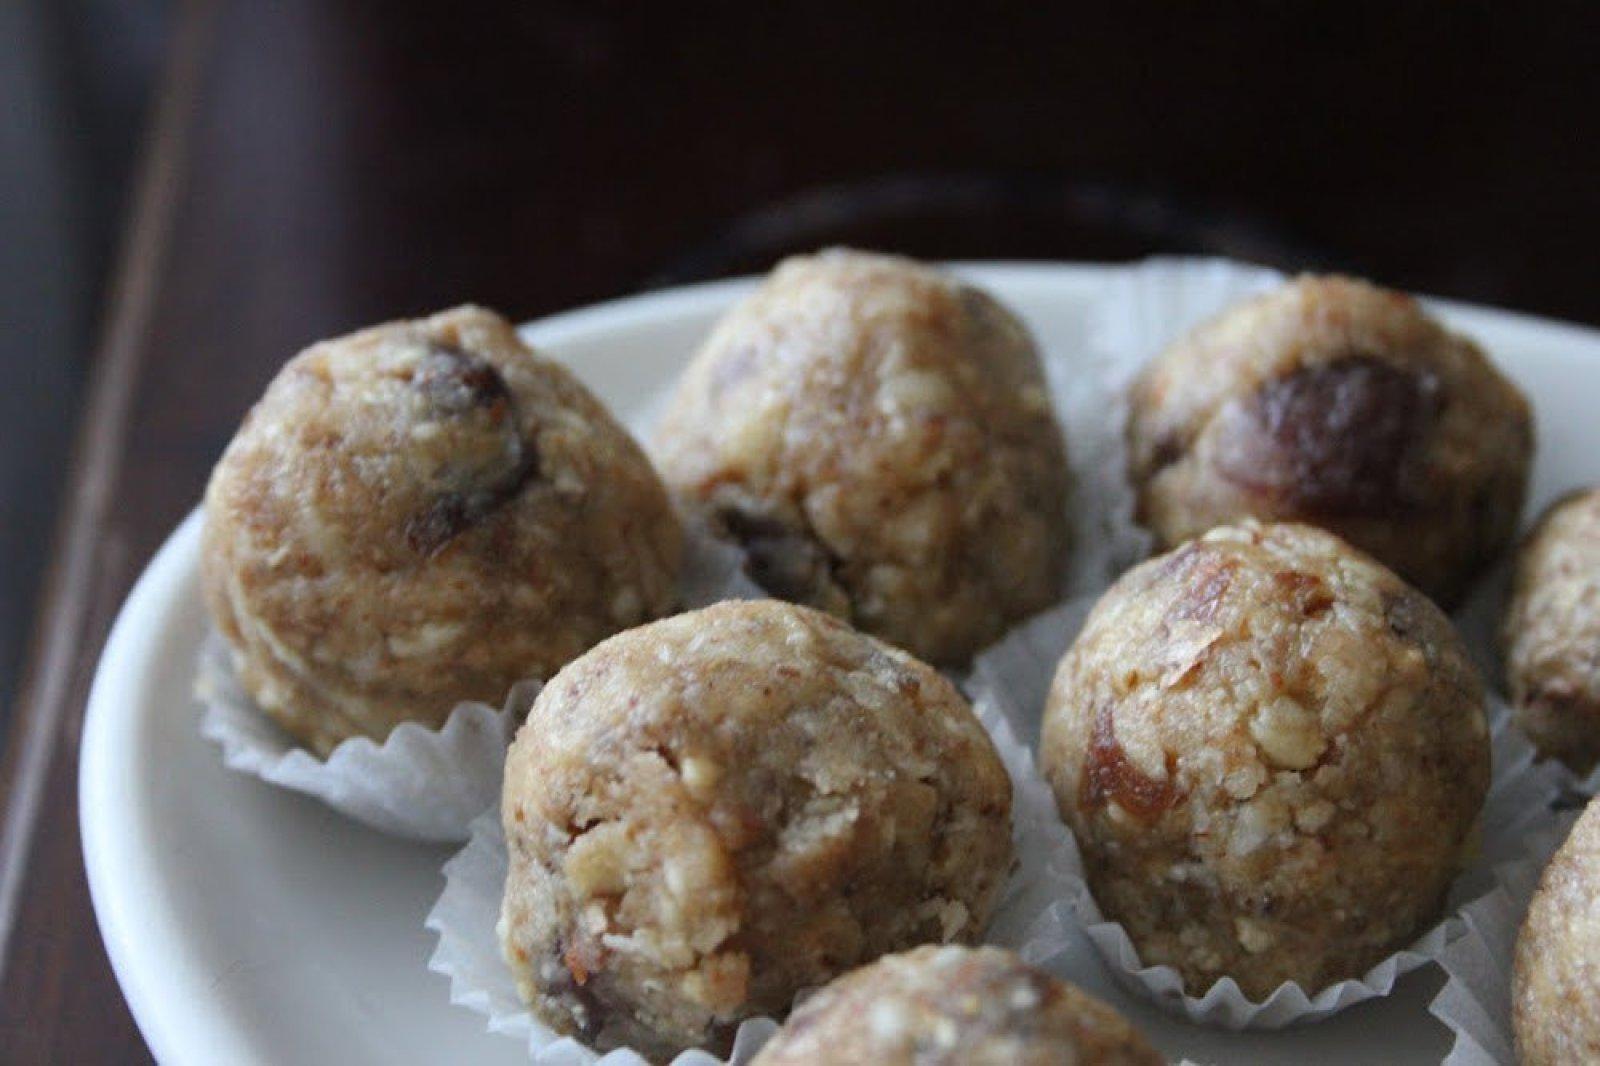 Vegan Peanut Butter Snack Balls